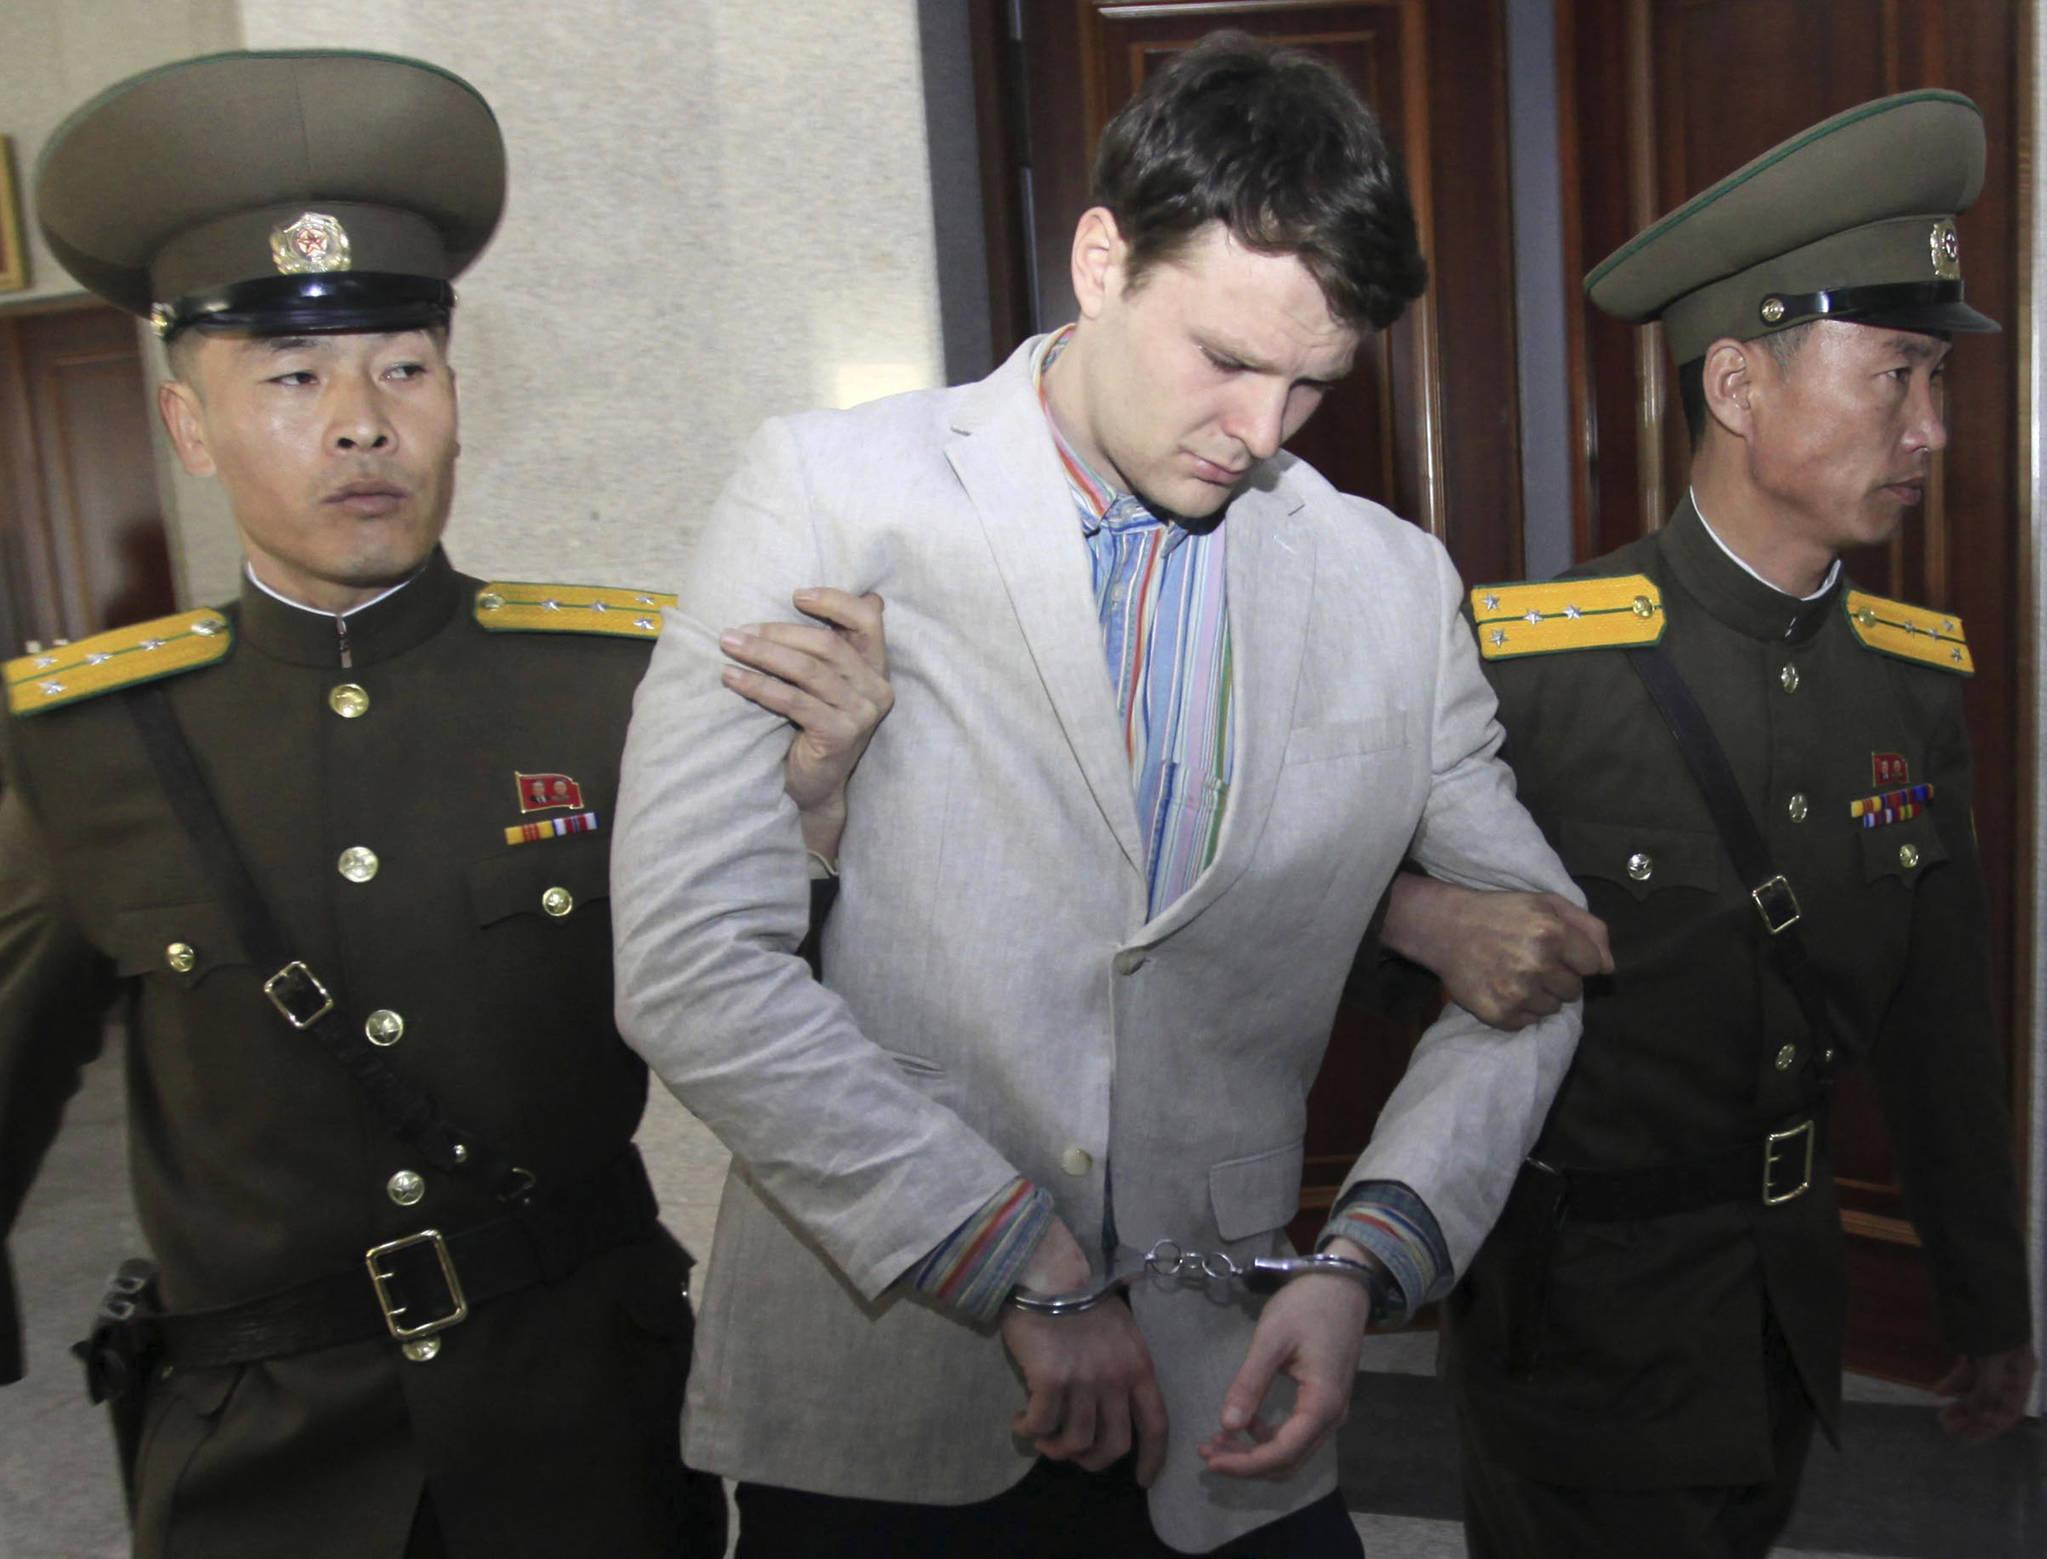 지난 2016 년 3월 16 일 북한 평양 대법원으로 호송되고 있는오토 웜비어. 그는북한에서 15년 형을 선고 받았다. [AP=연합뉴스]